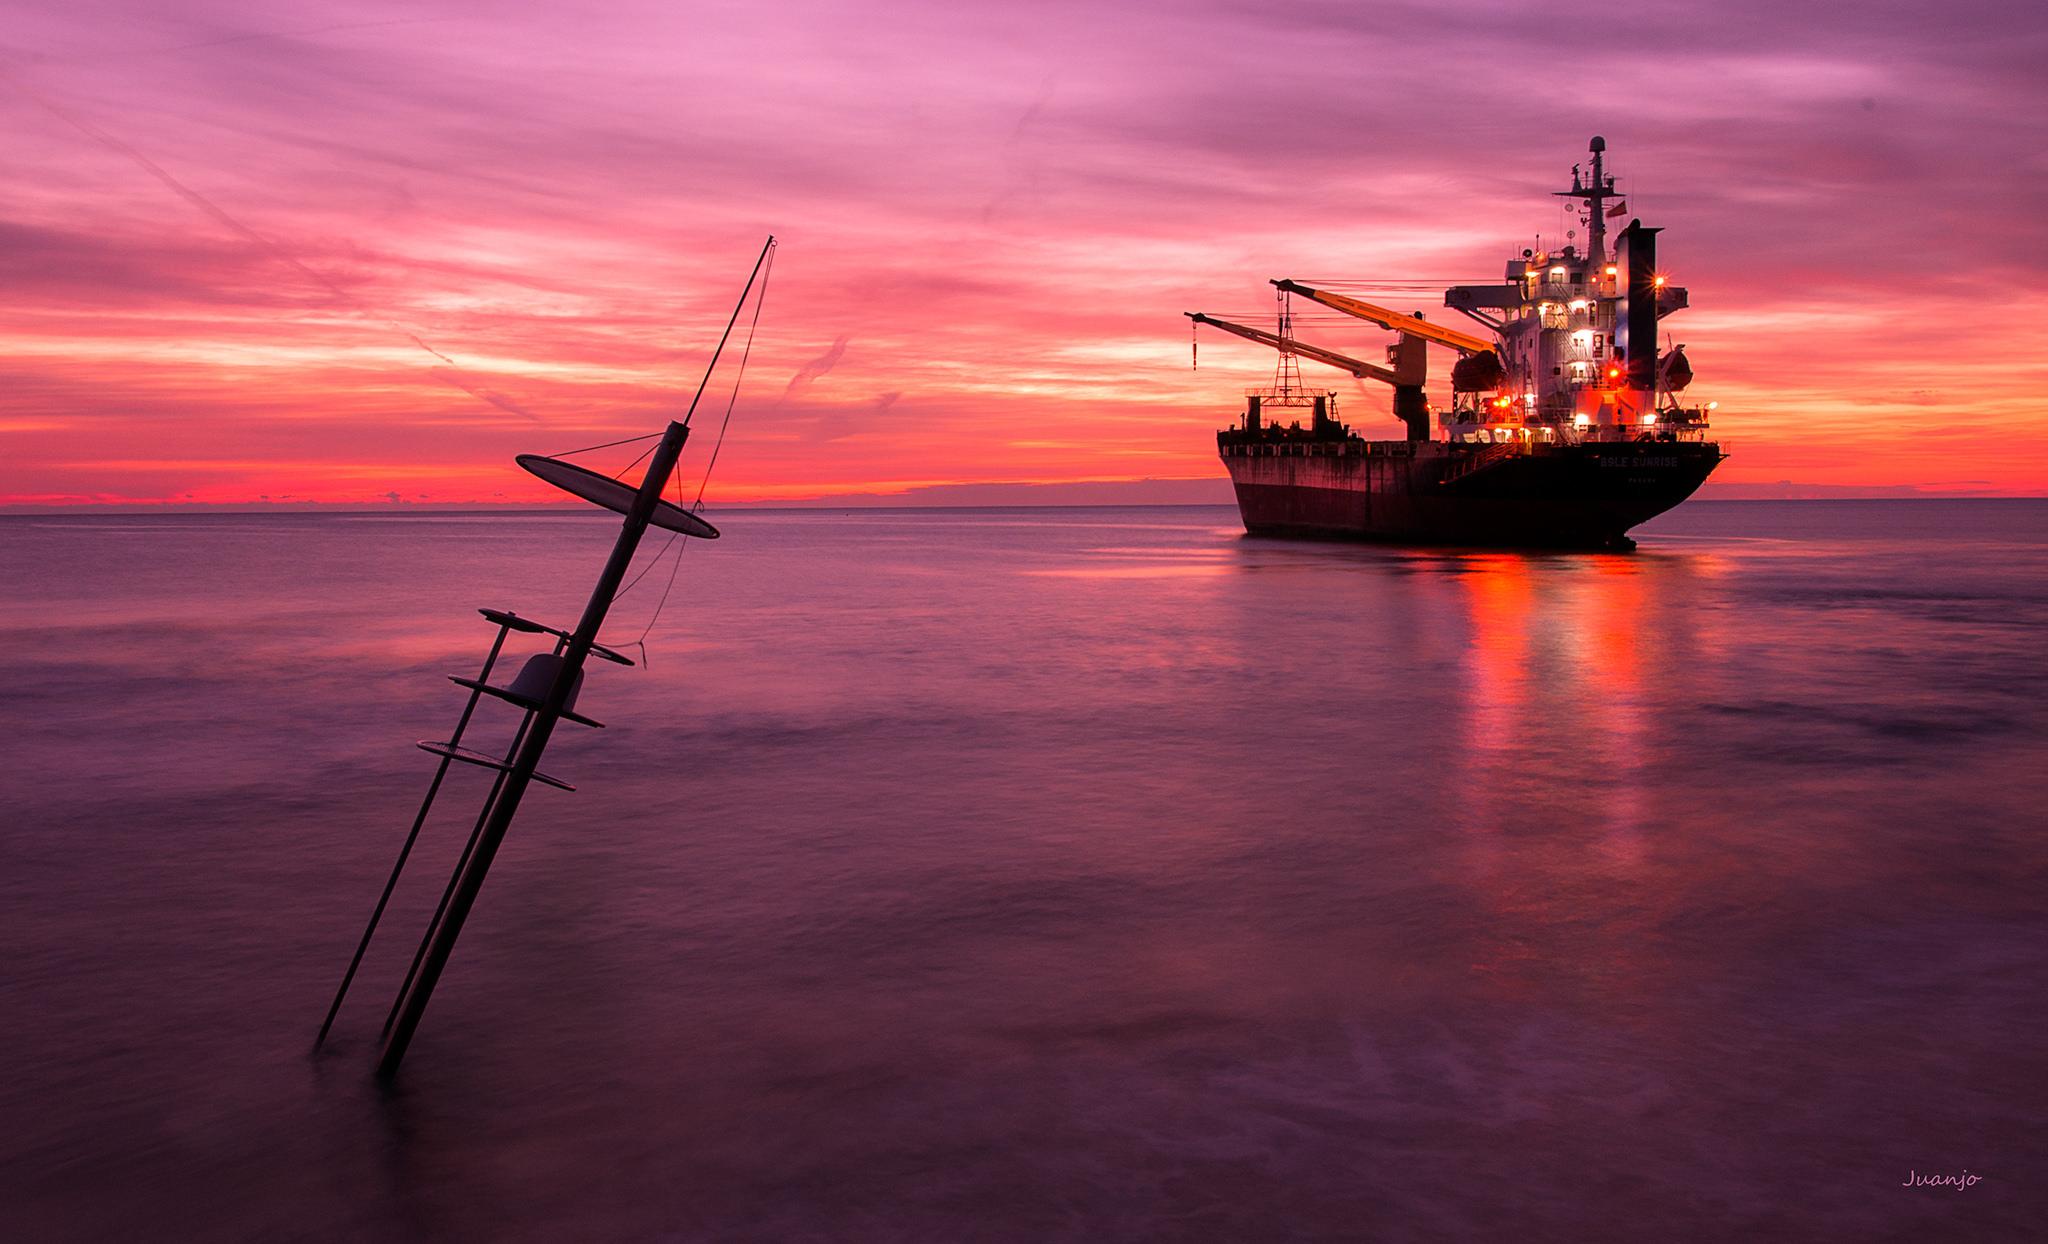 Un atardecer y un gran barco - 2048x1244